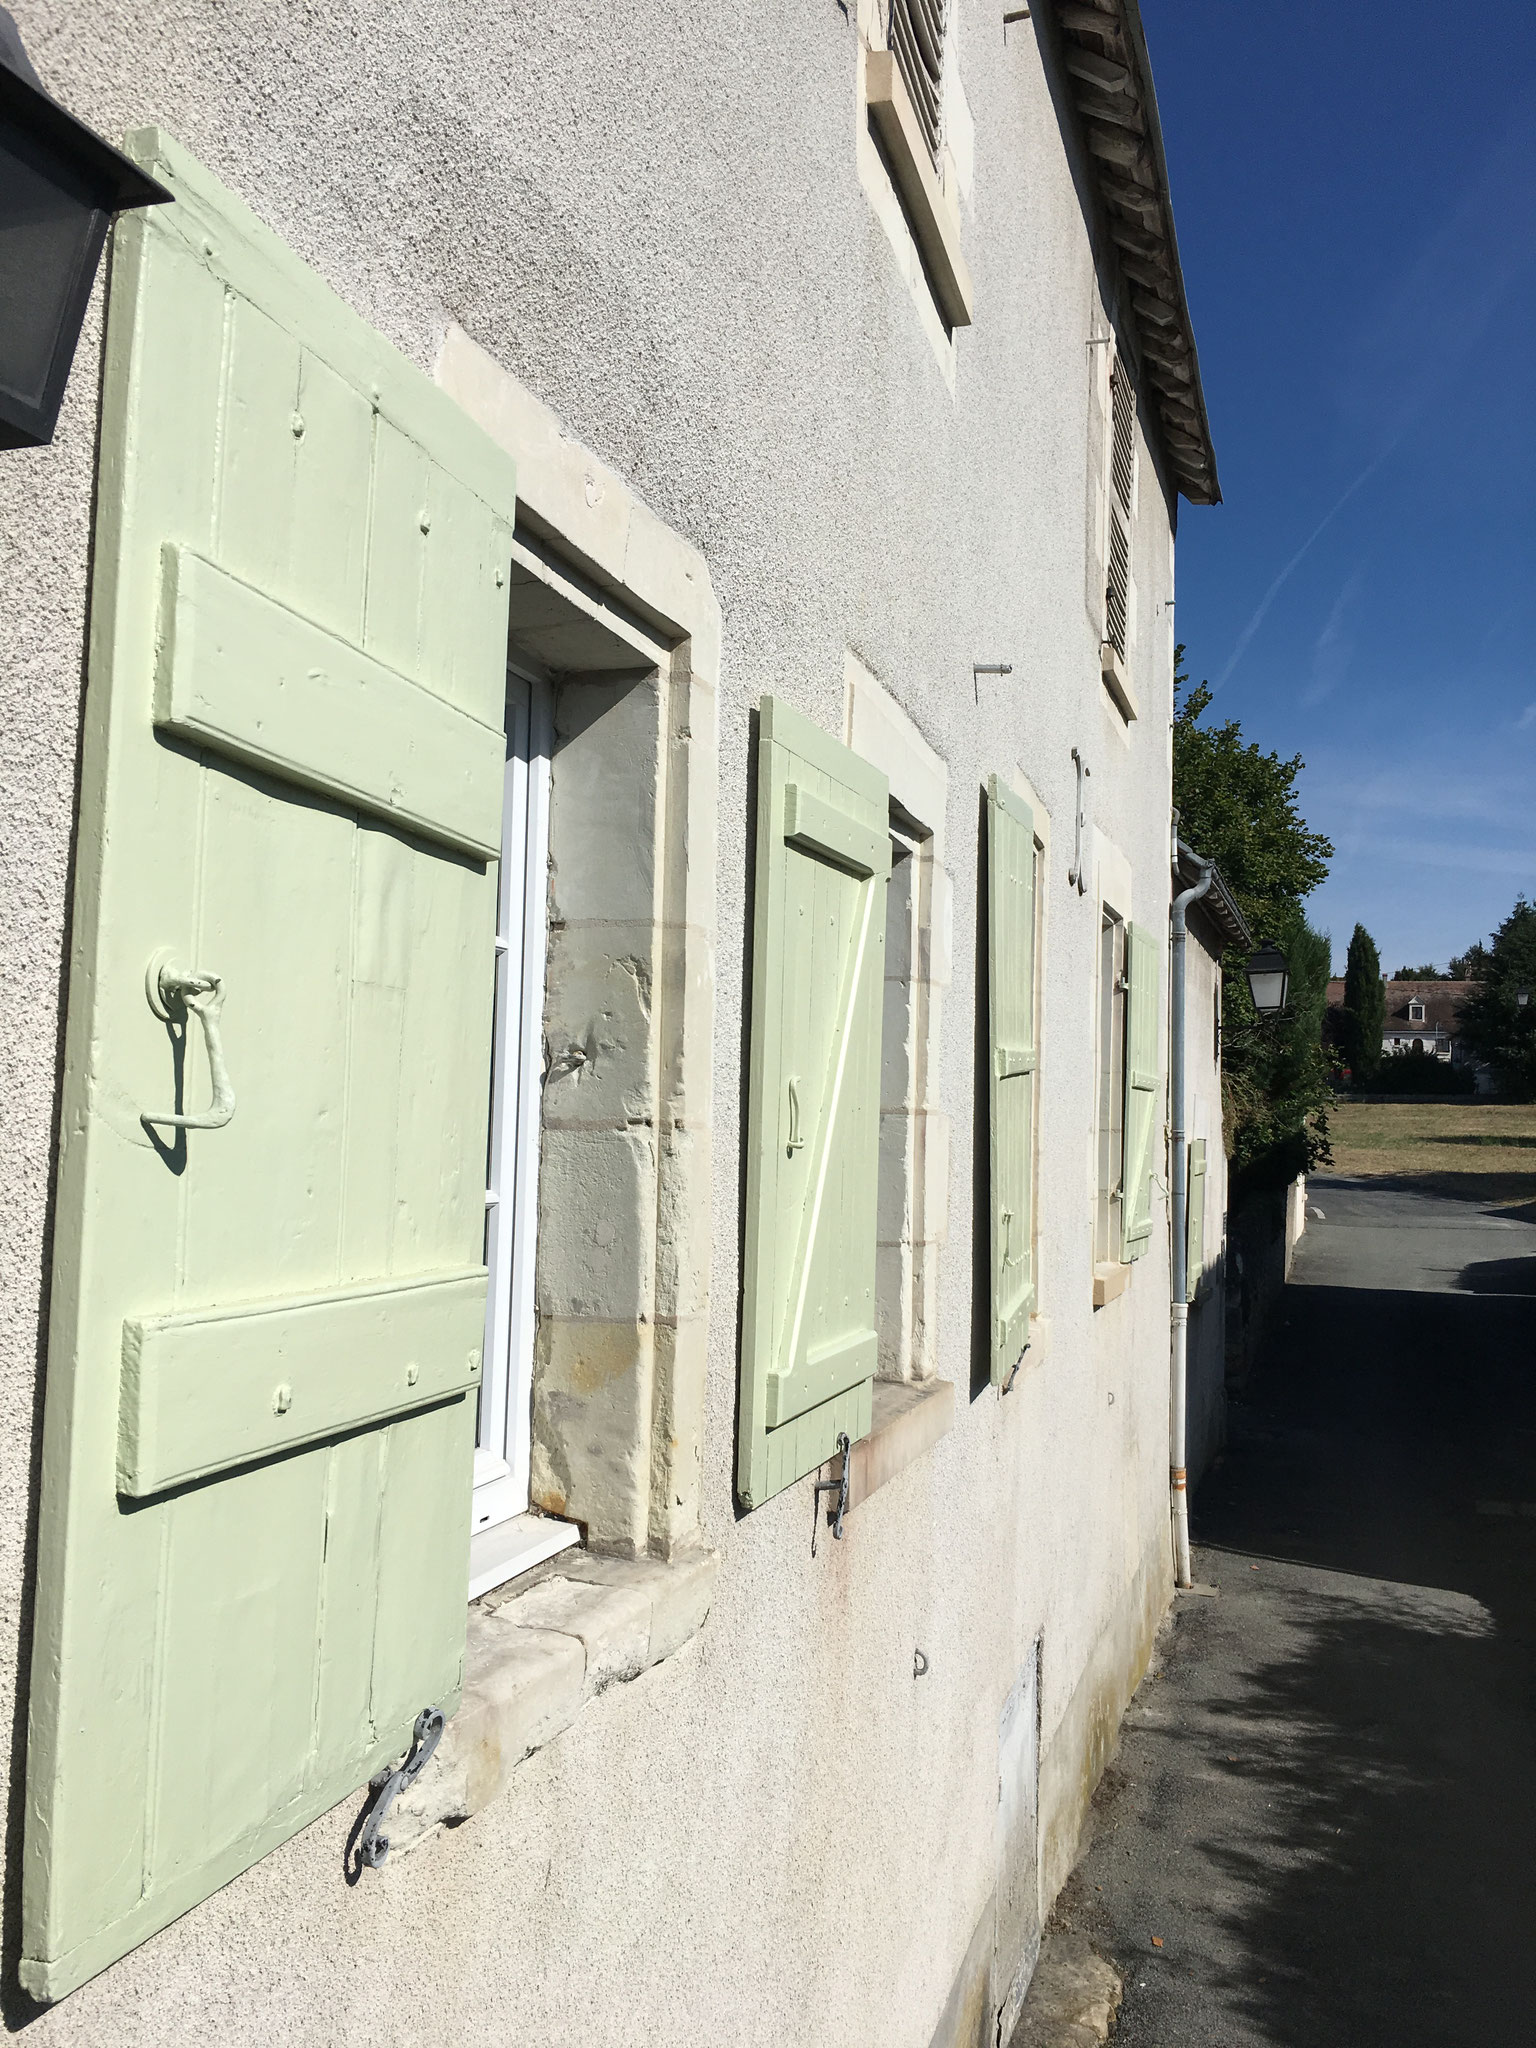 Location à Amboise La facade Gite de l'Amandier